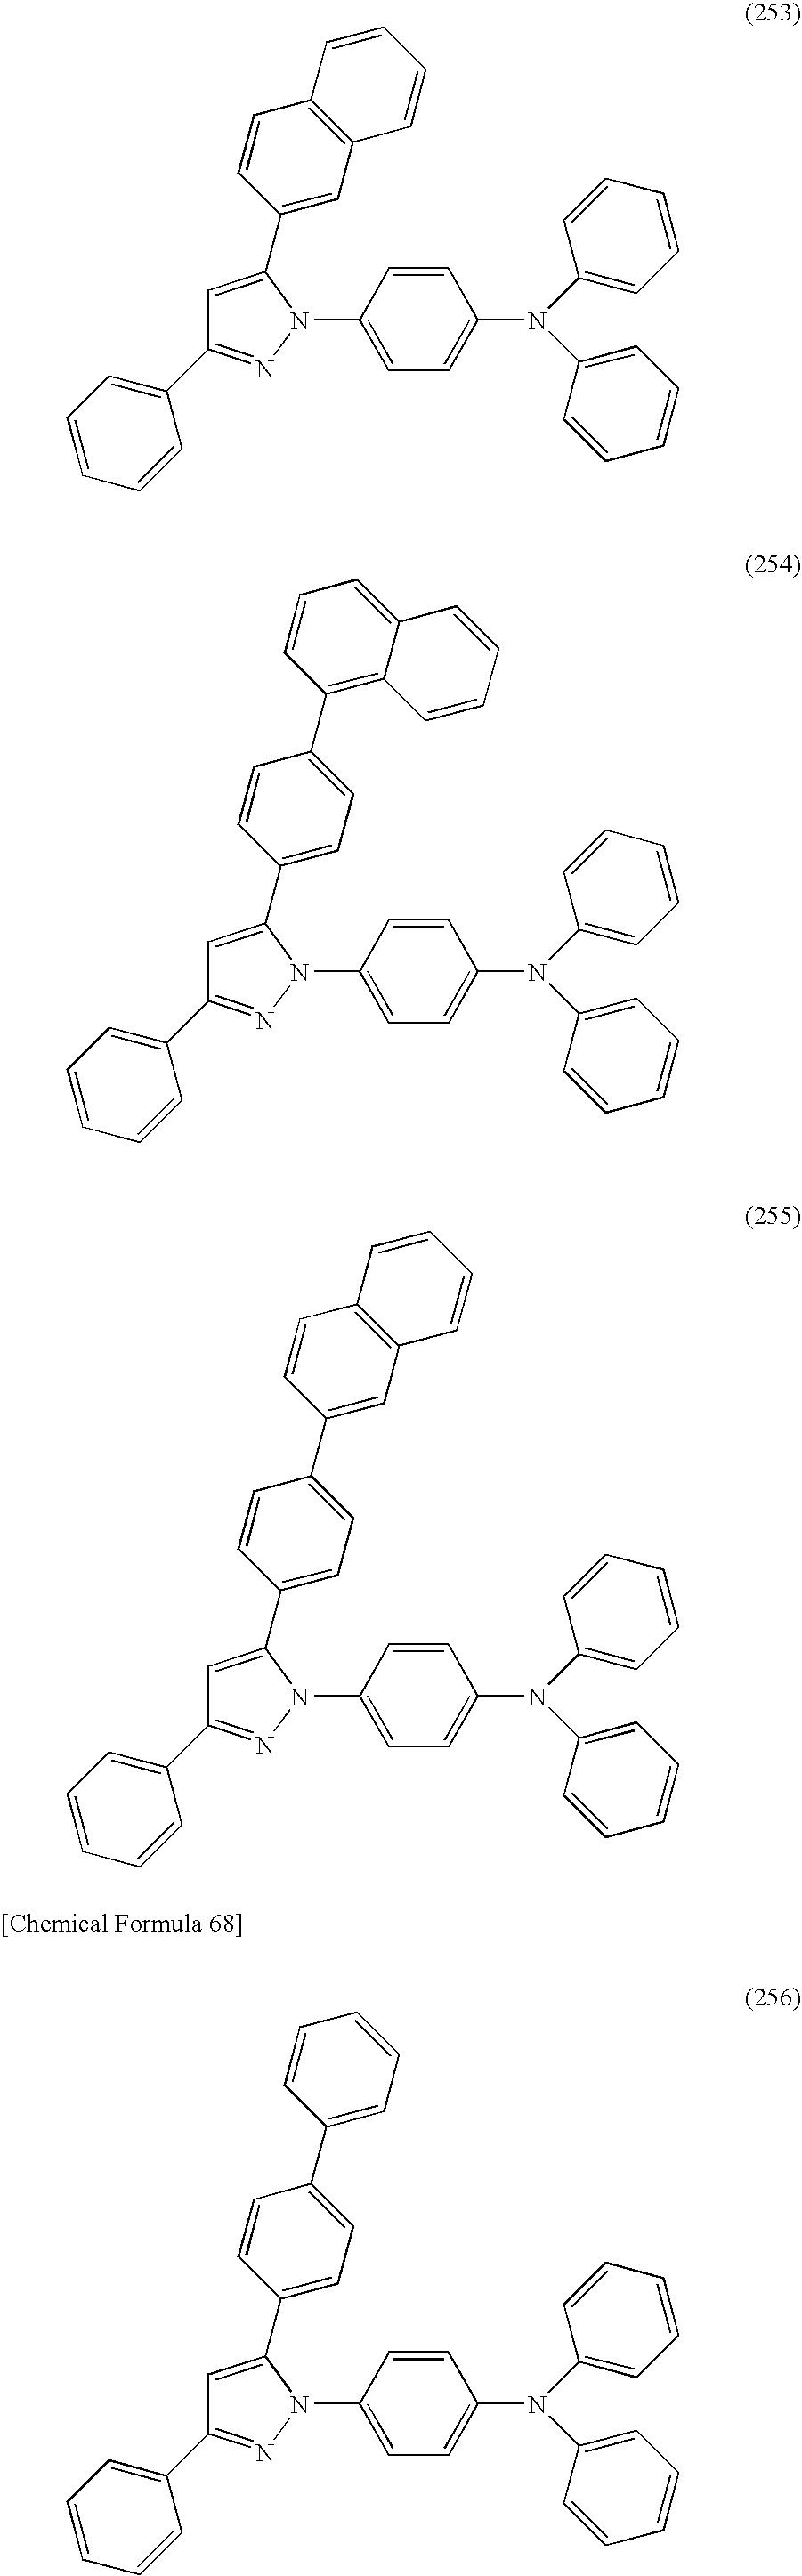 Figure US08551625-20131008-C00084